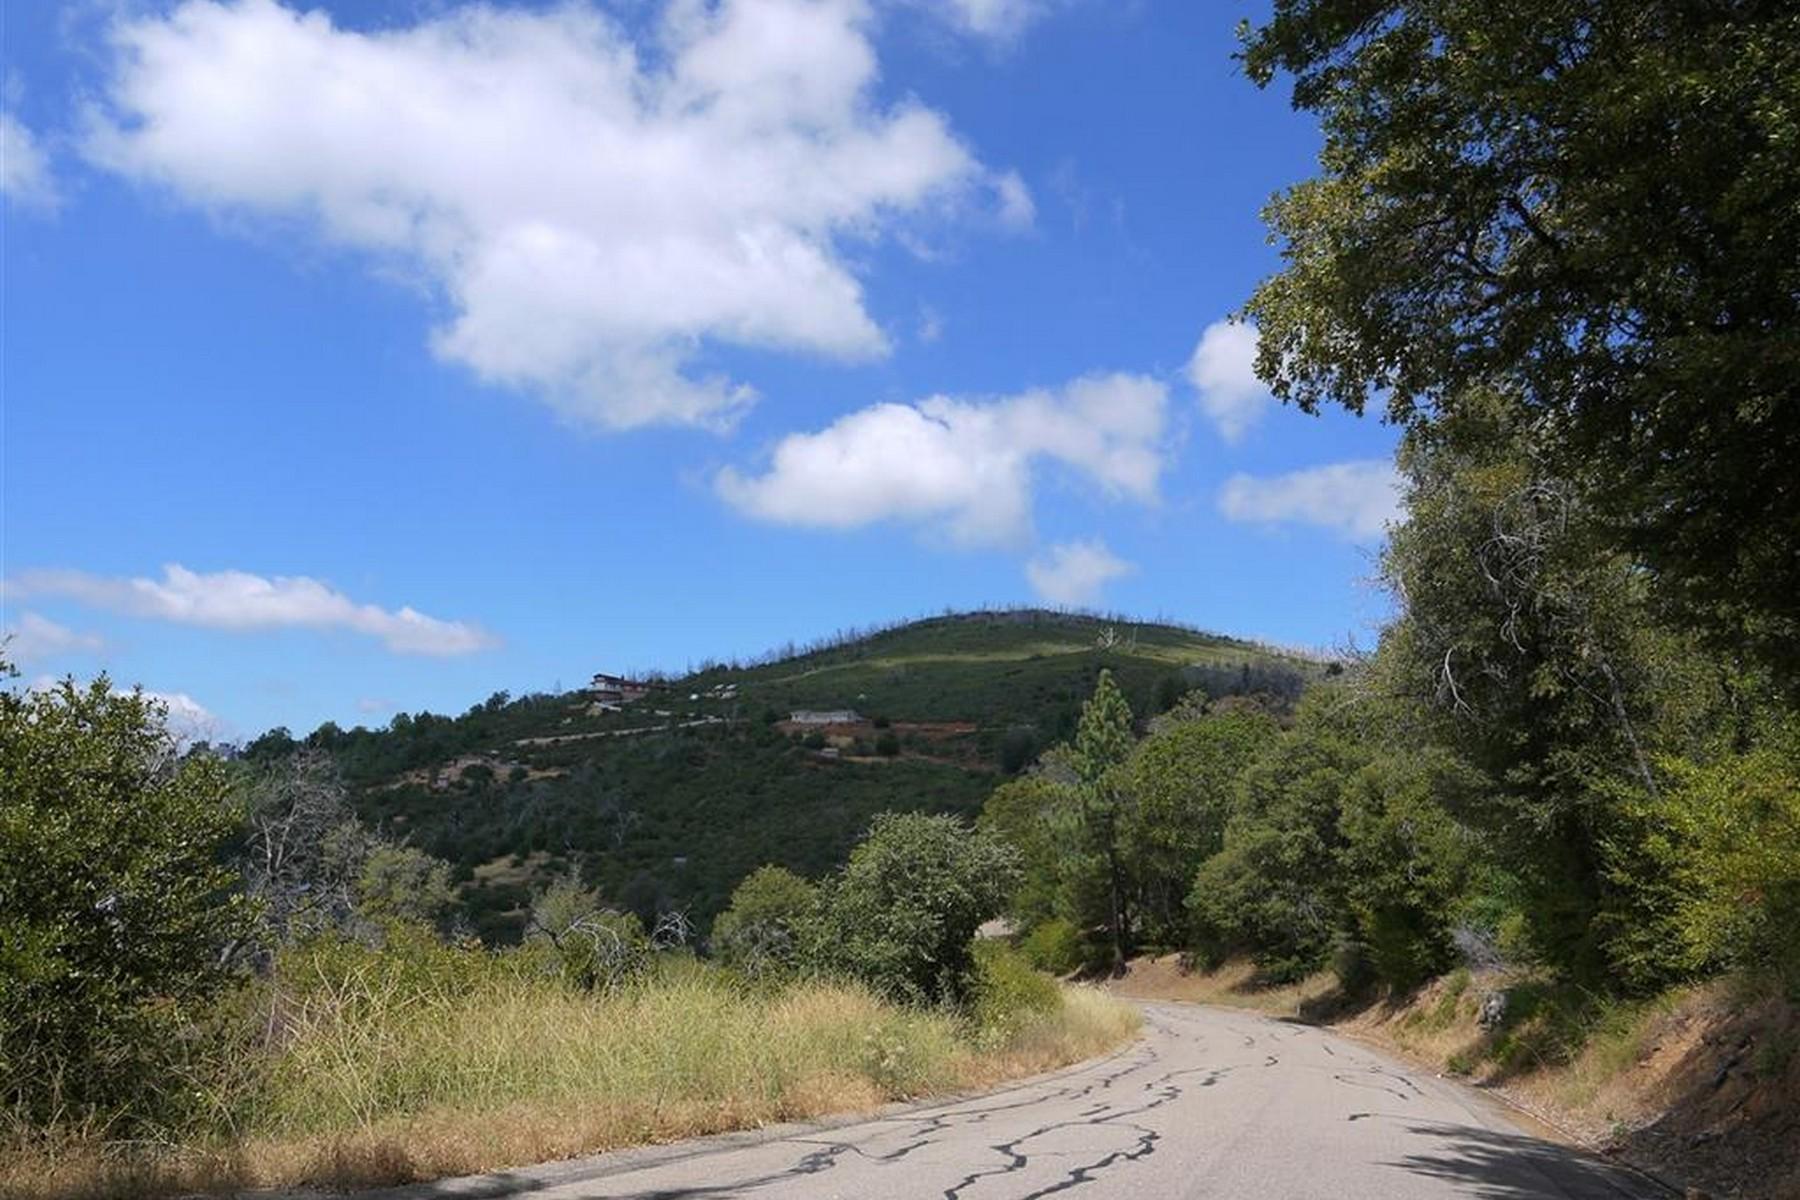 Terrain pour l Vente à 5753 Mountain Meadow 117 Julian, Californie 92036 États-Unis